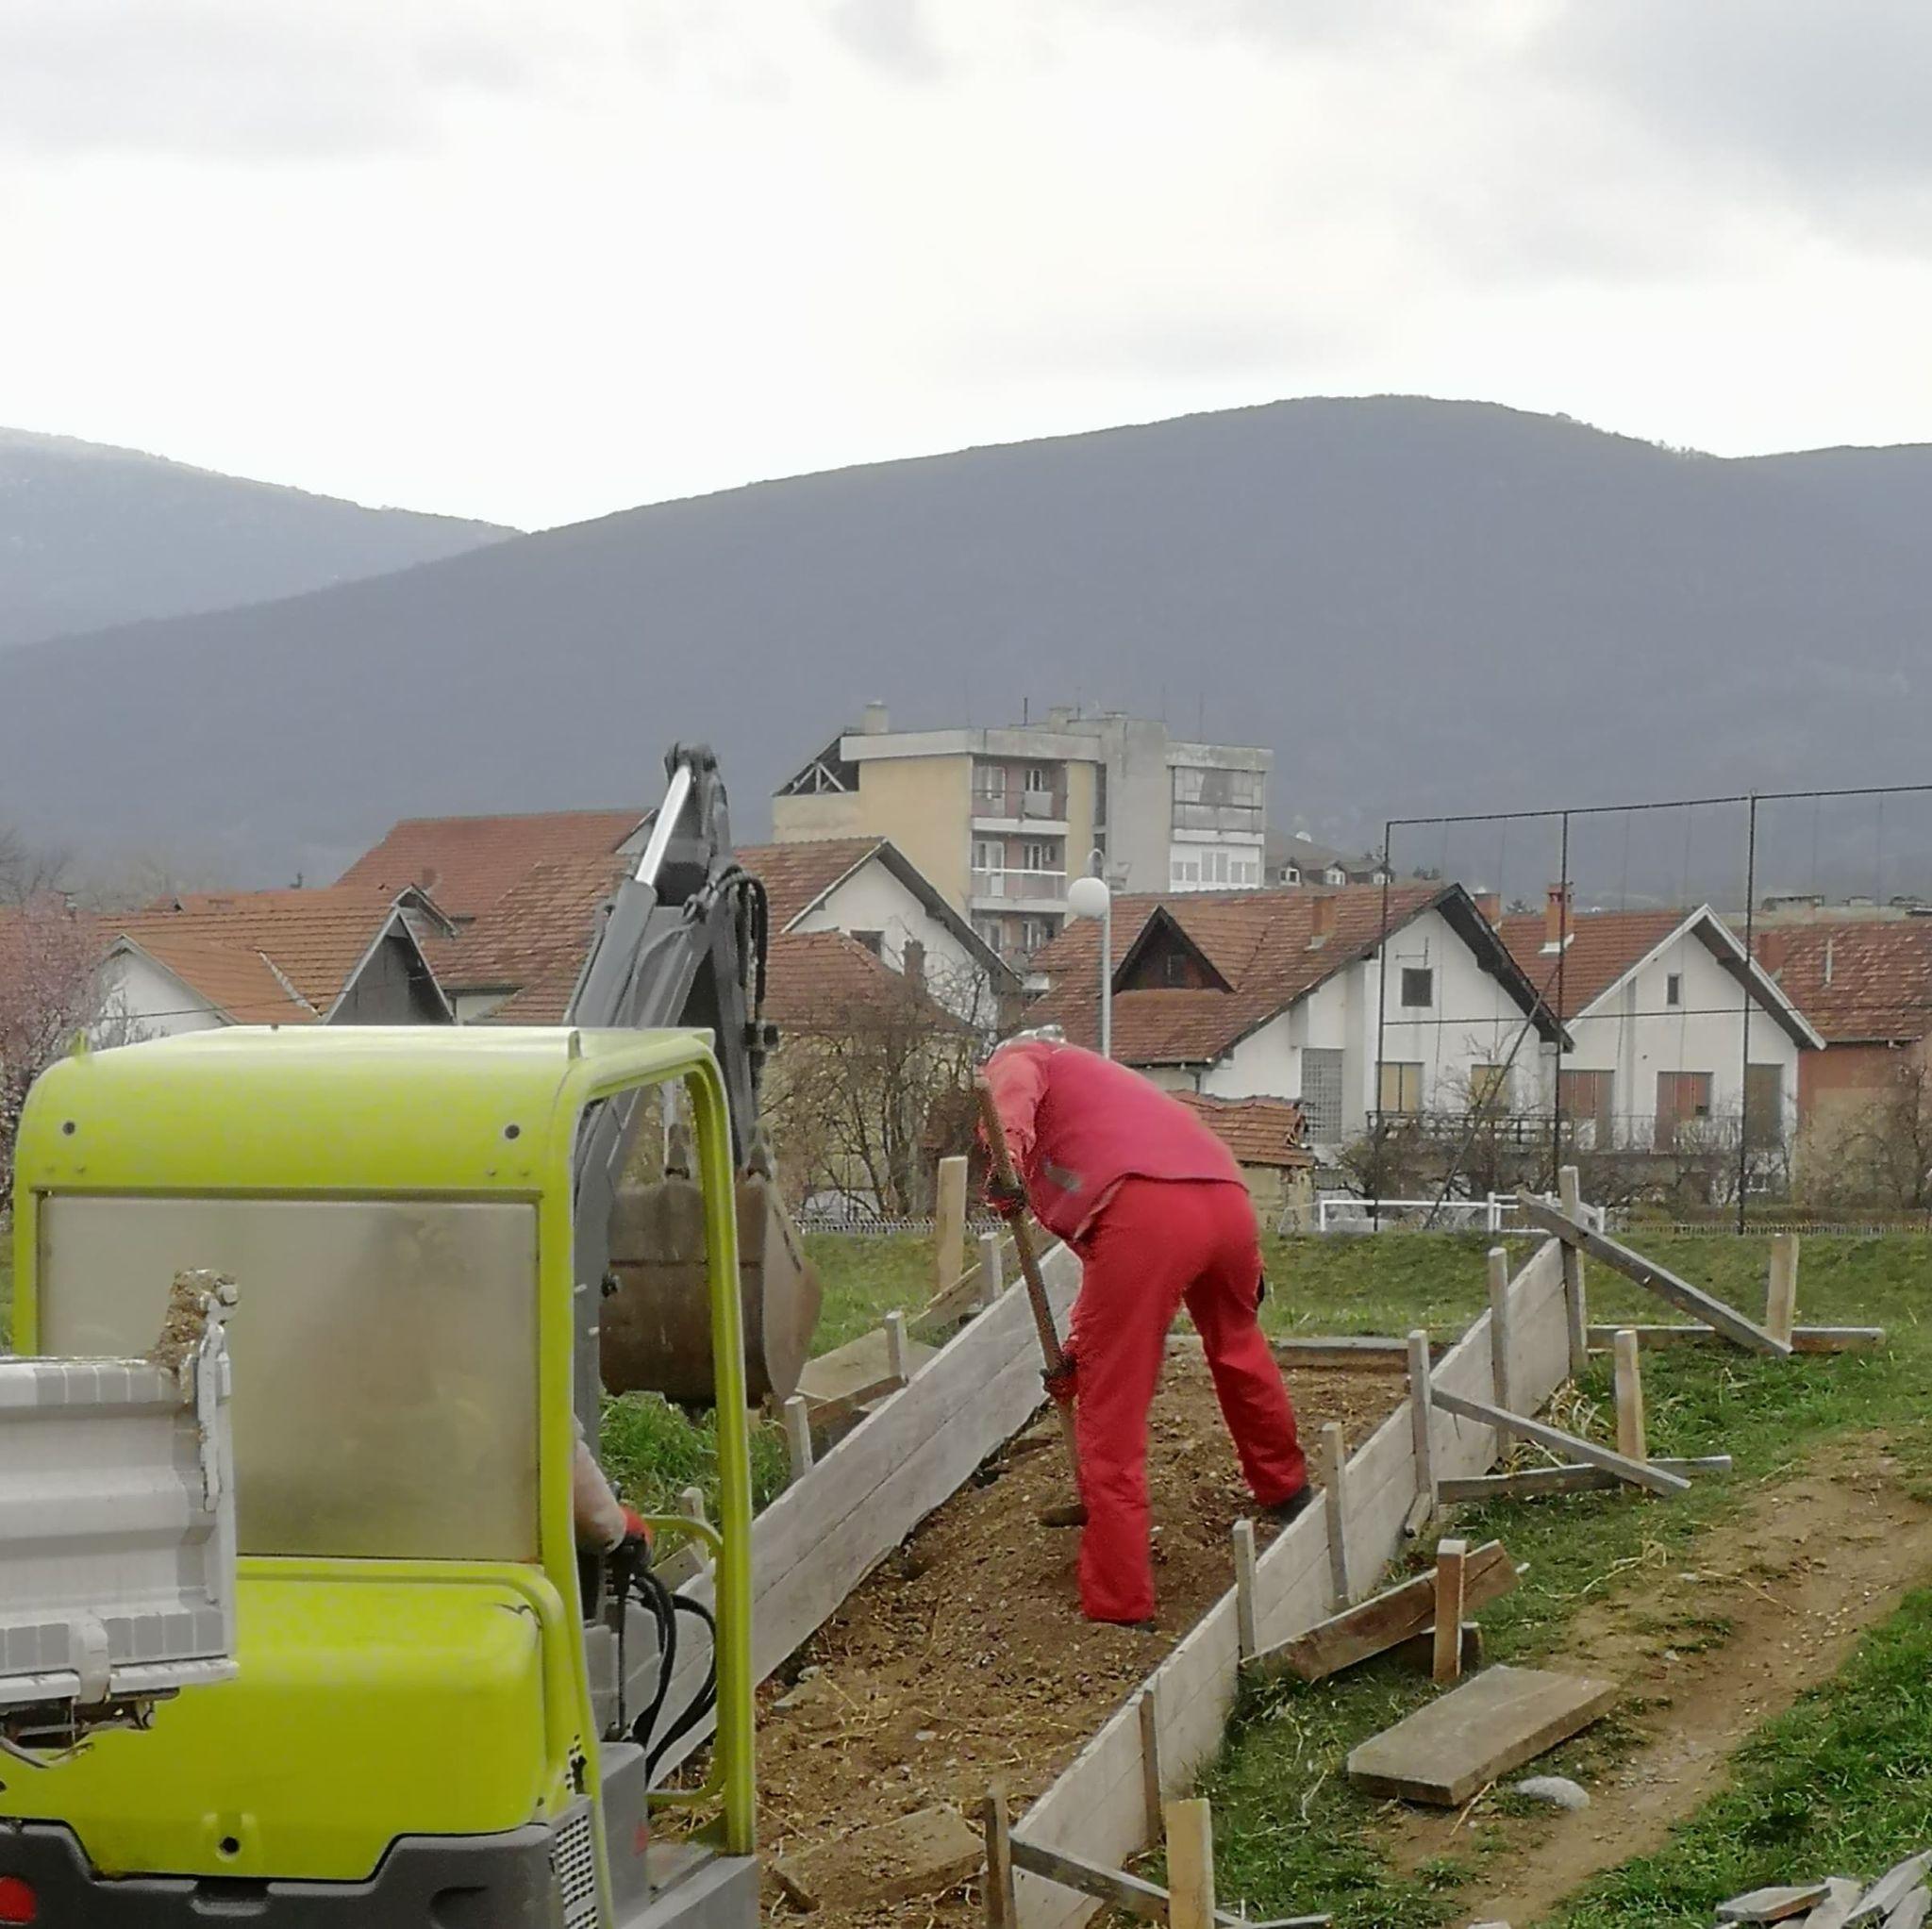 Radovi u toku, foto: G. M.